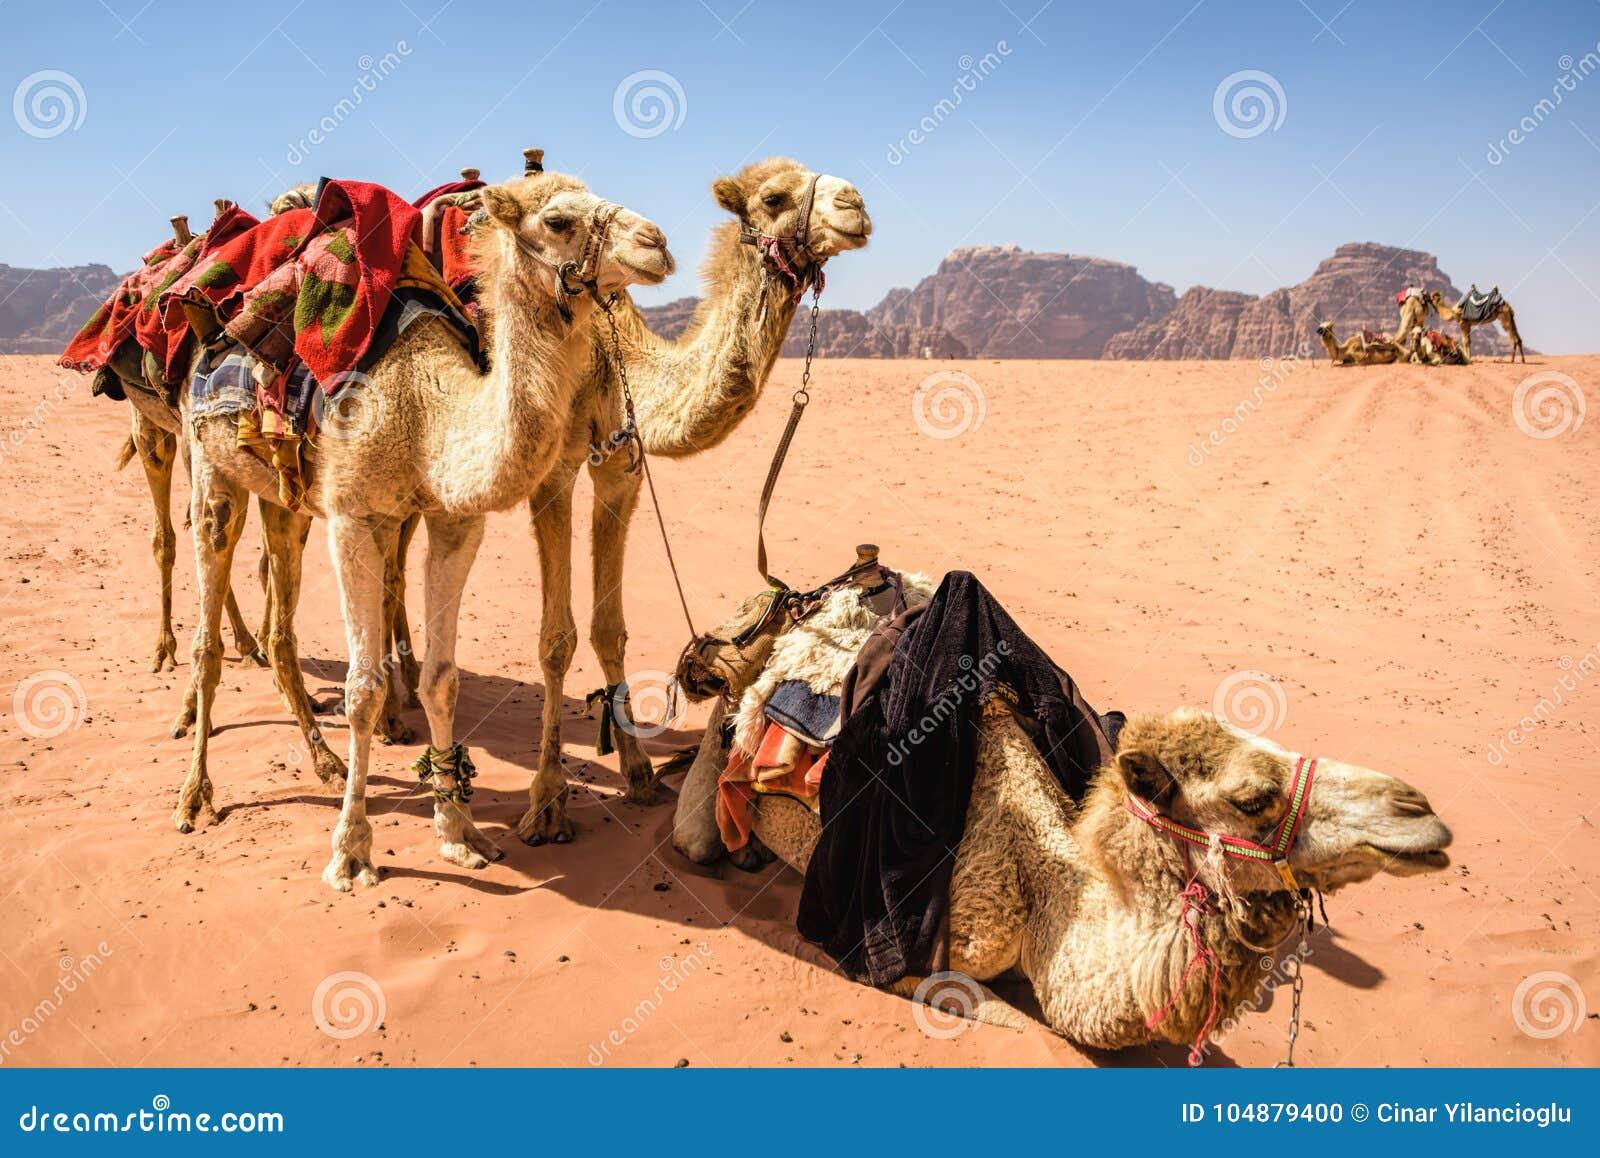 Camels in desert landscape under blue skies